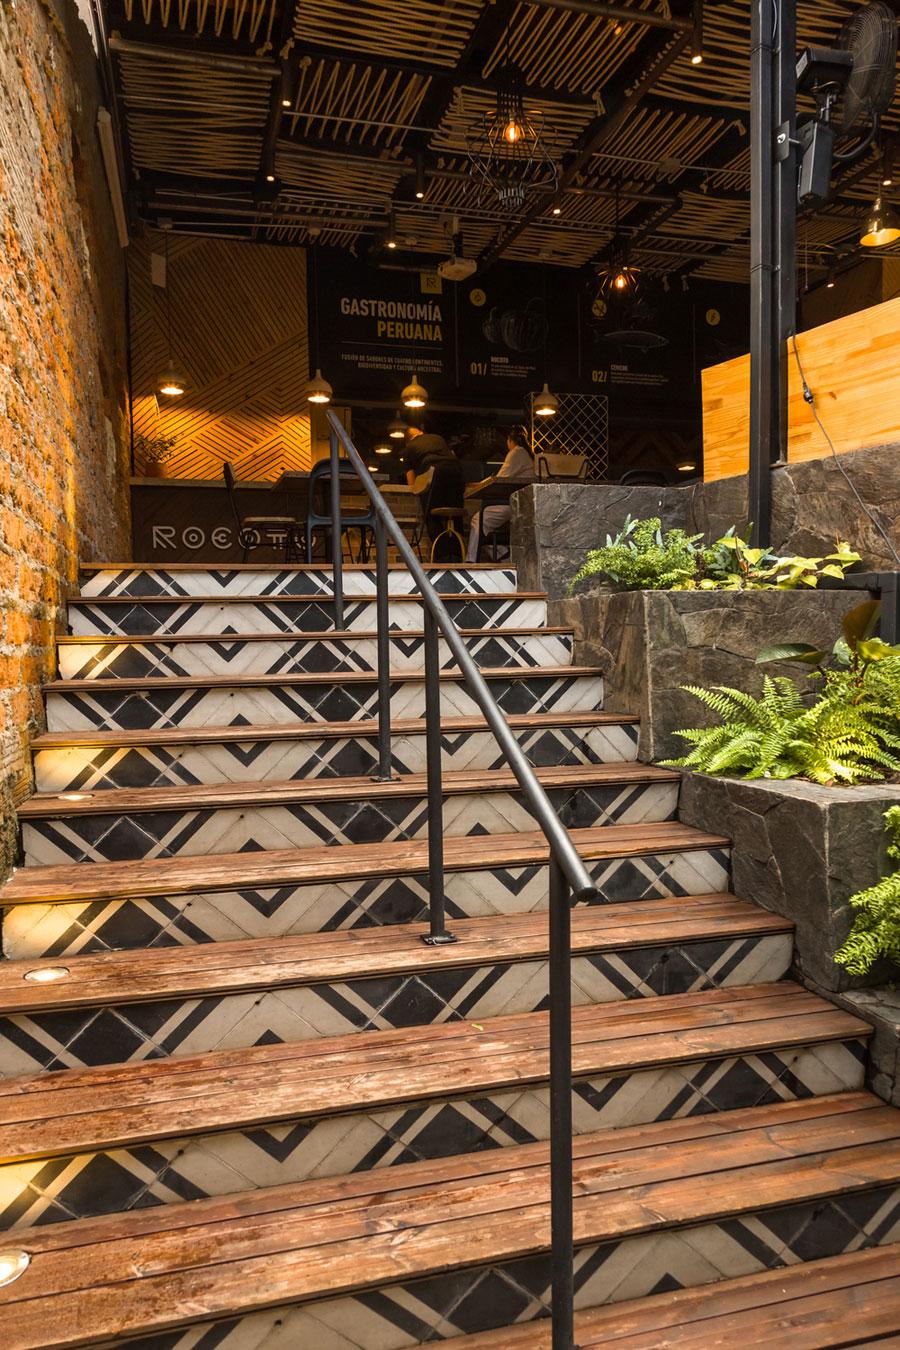 thiết kế quán cafe rocoto ảnh 17